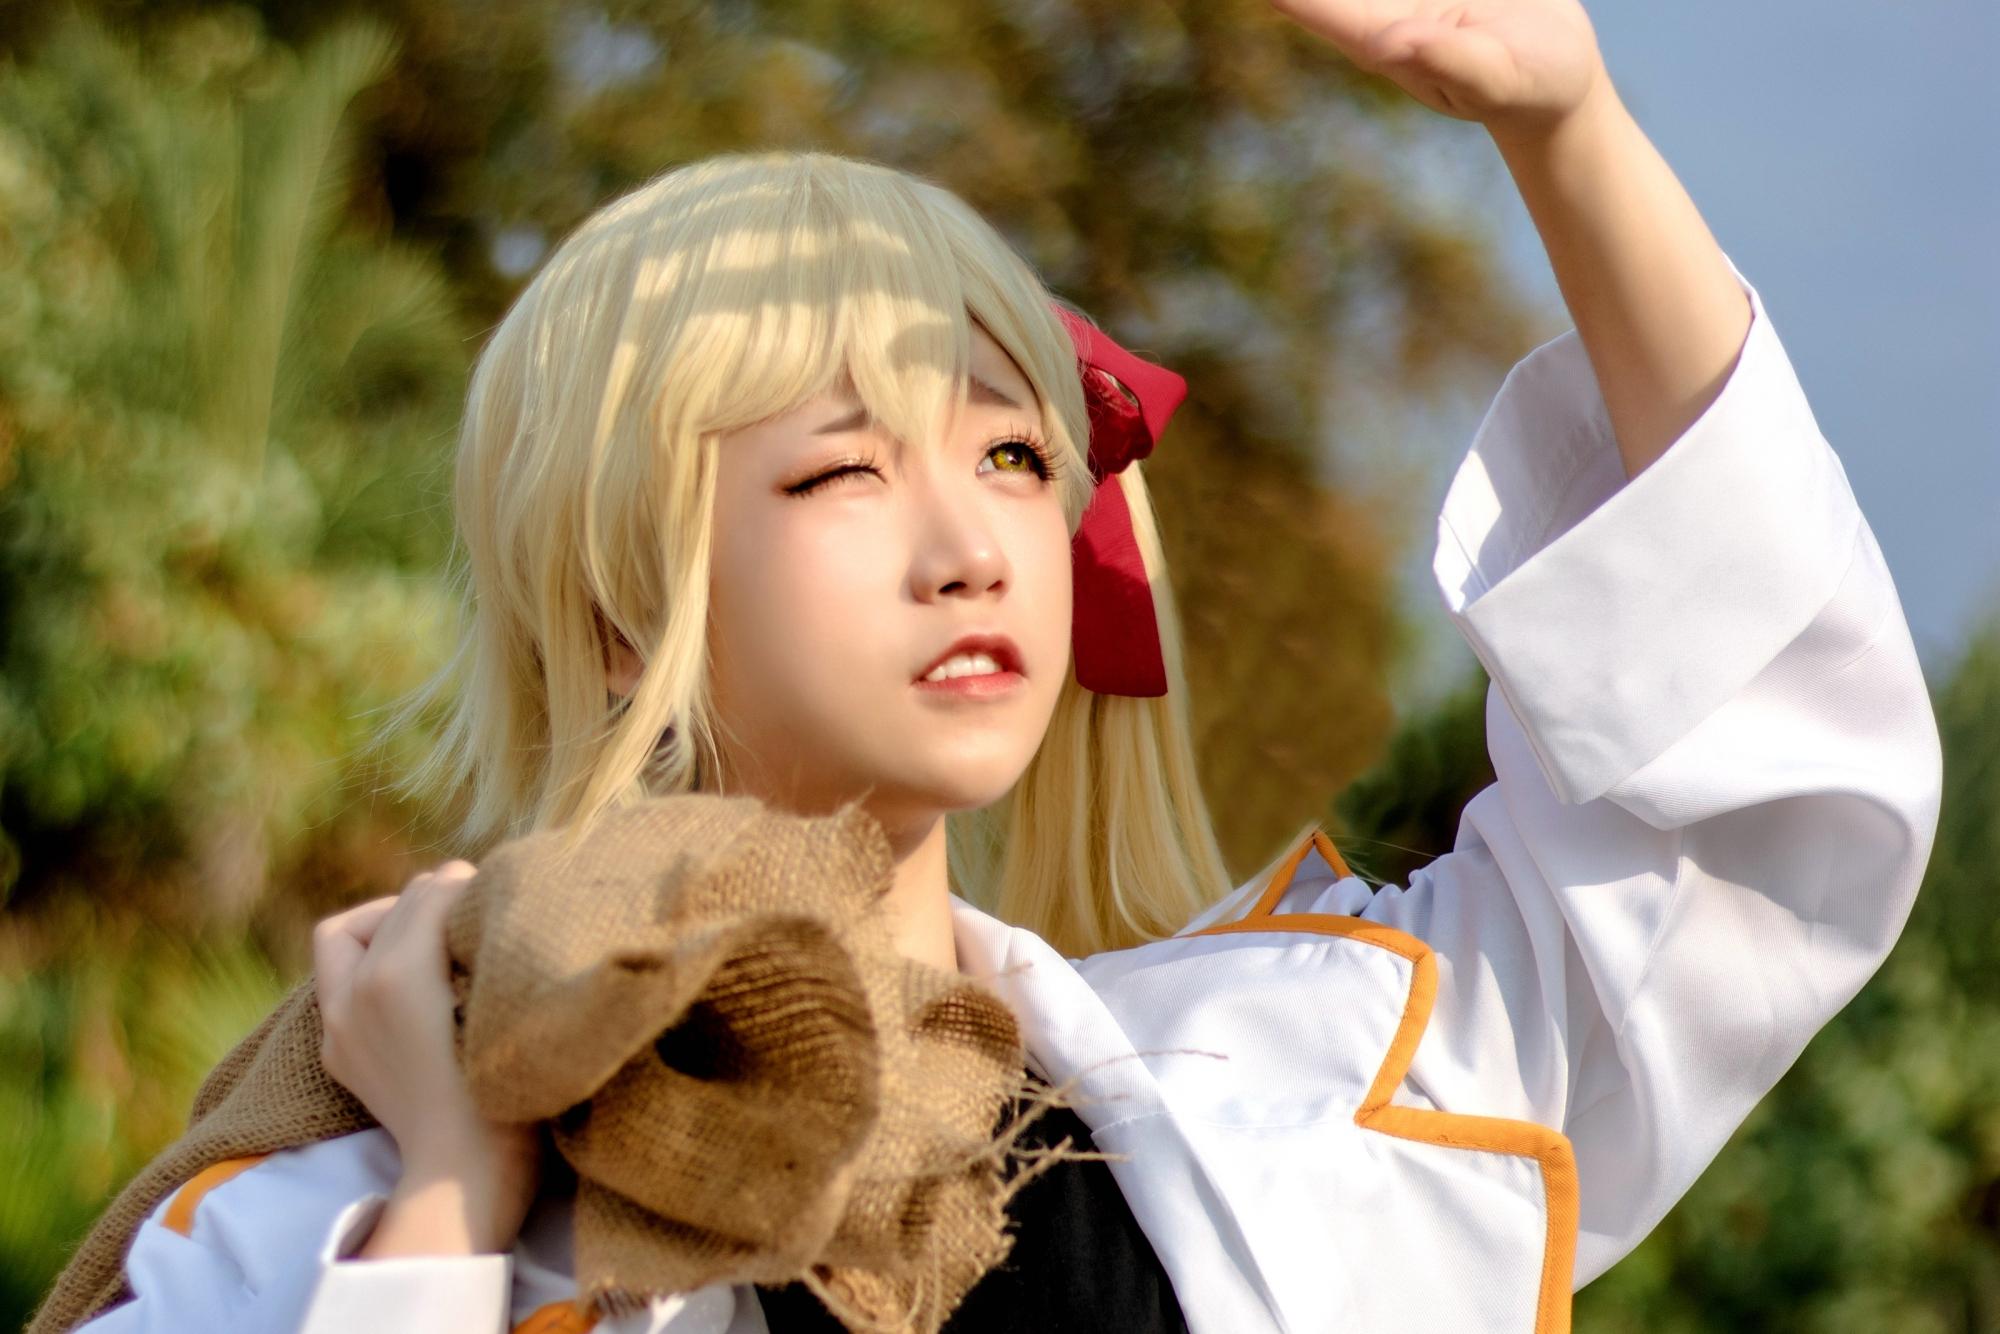 日本女生真的是太拼了,僅僅因為興趣就把自己整成了二次元的模樣